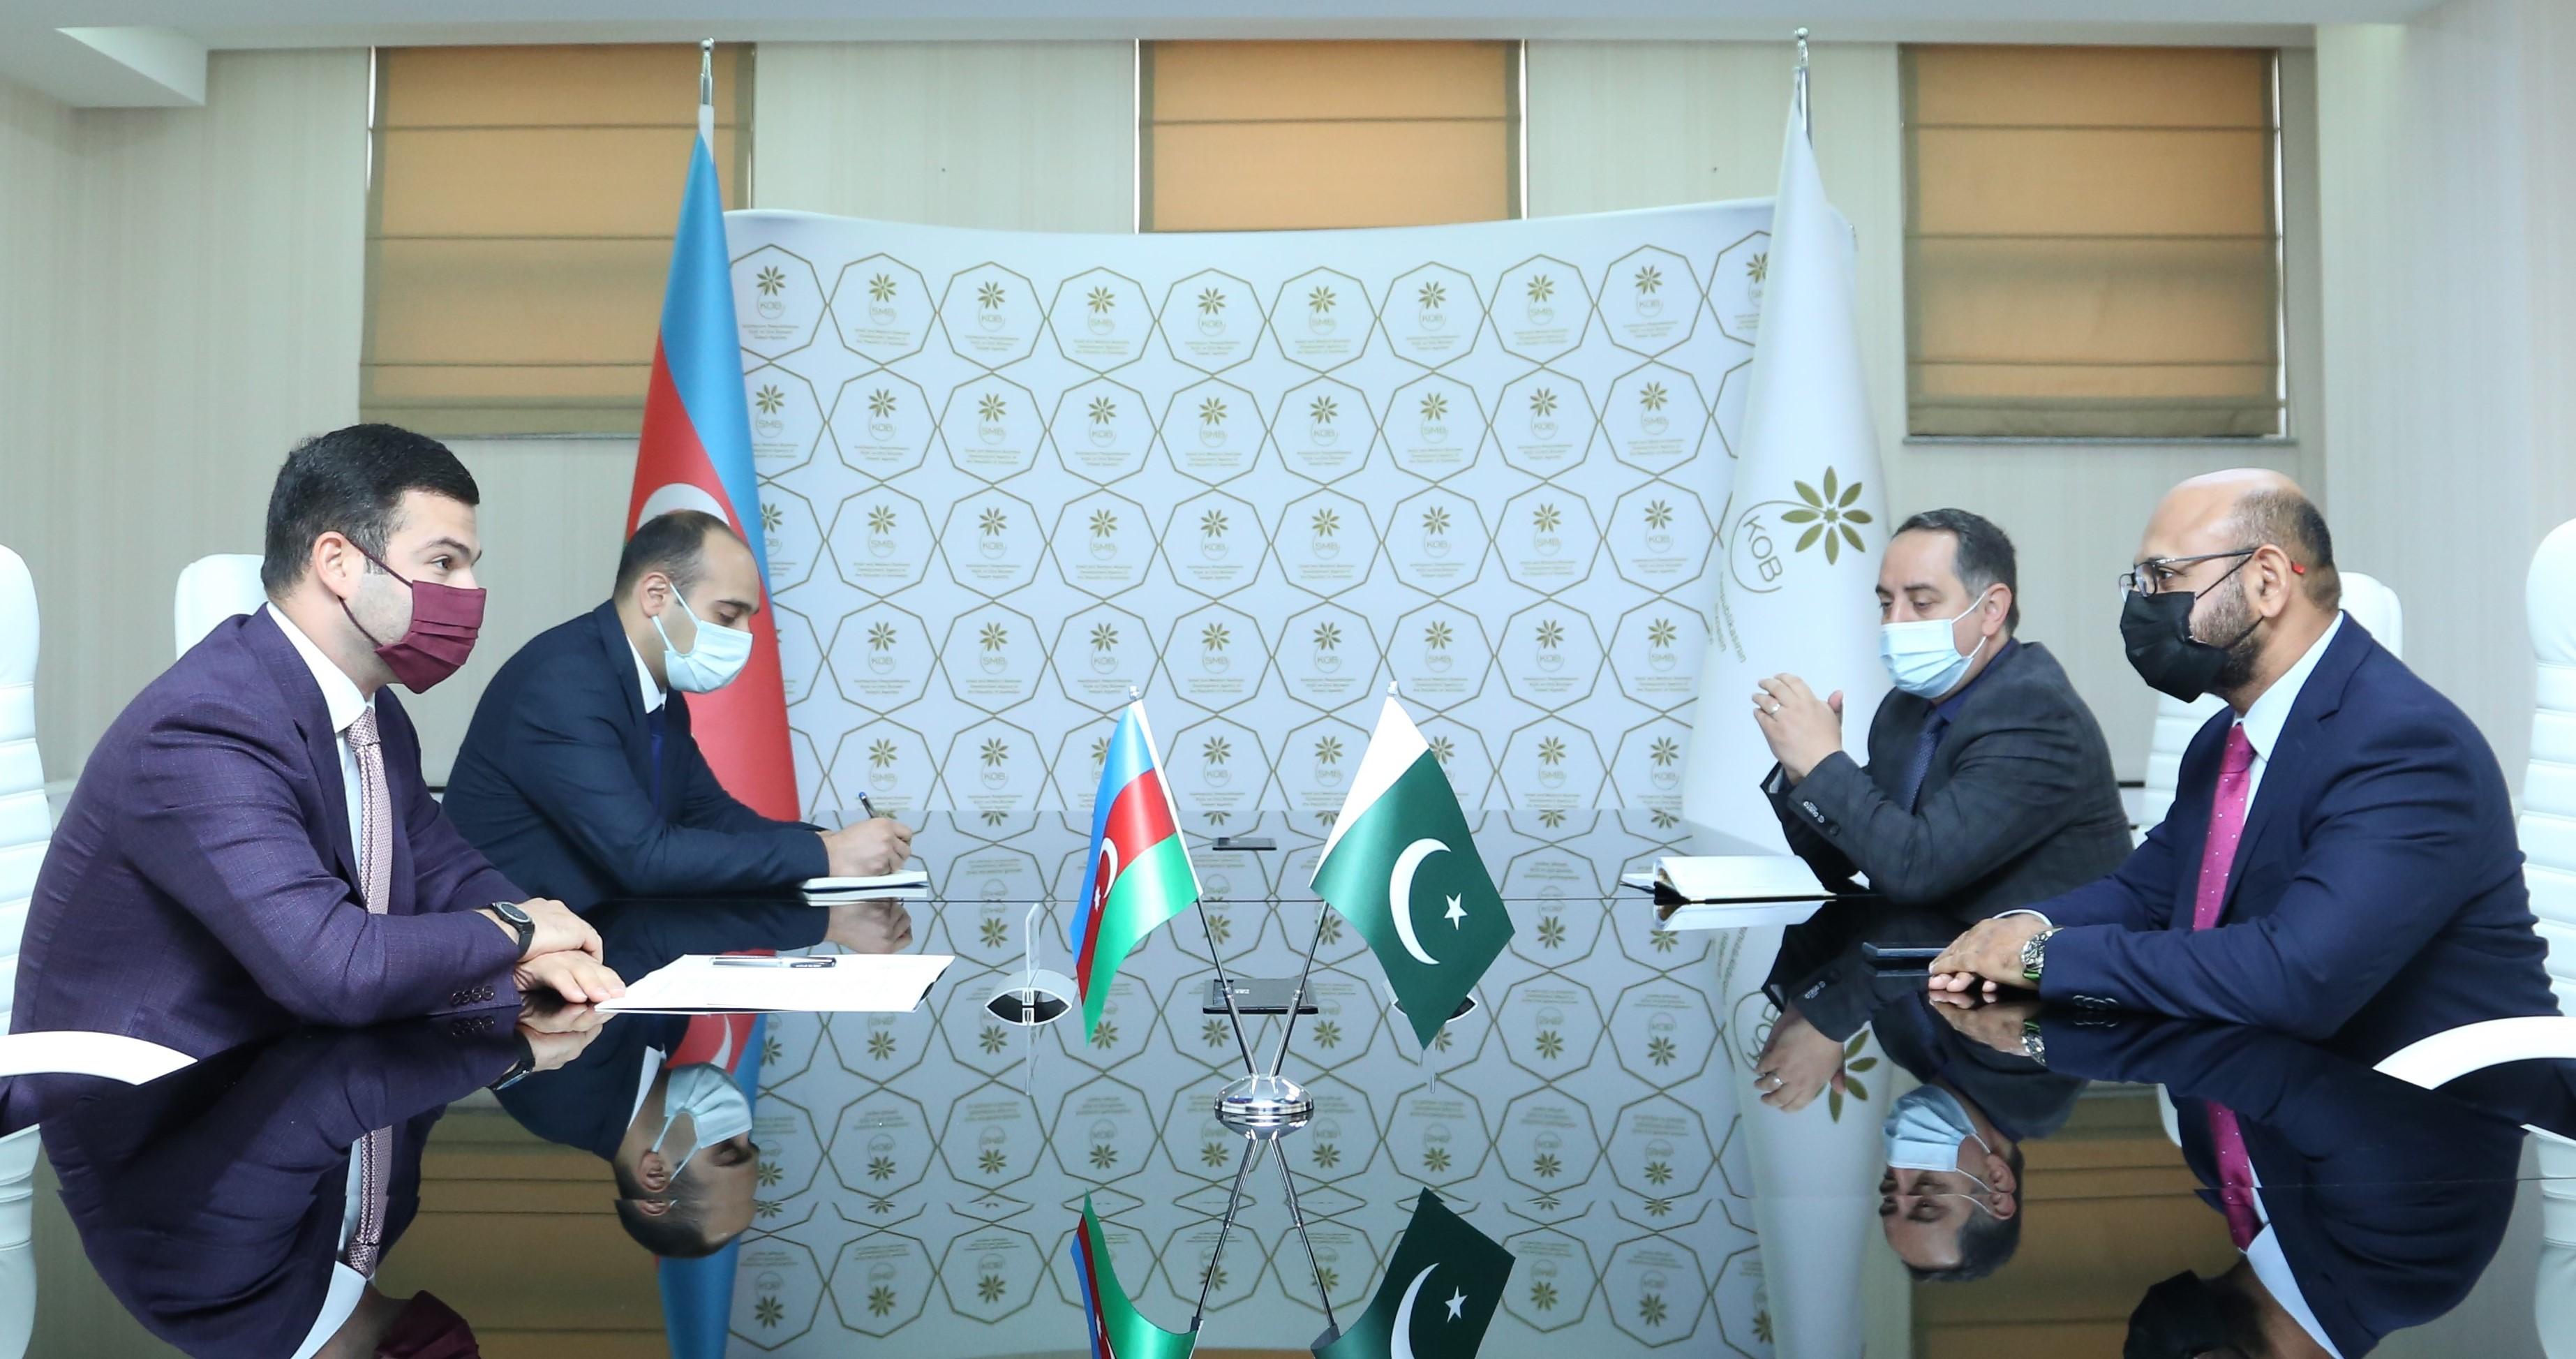 АРМСБ будет сотрудничать с Пакистано-Азербайджанской Палатой Экономического Сотрудничества